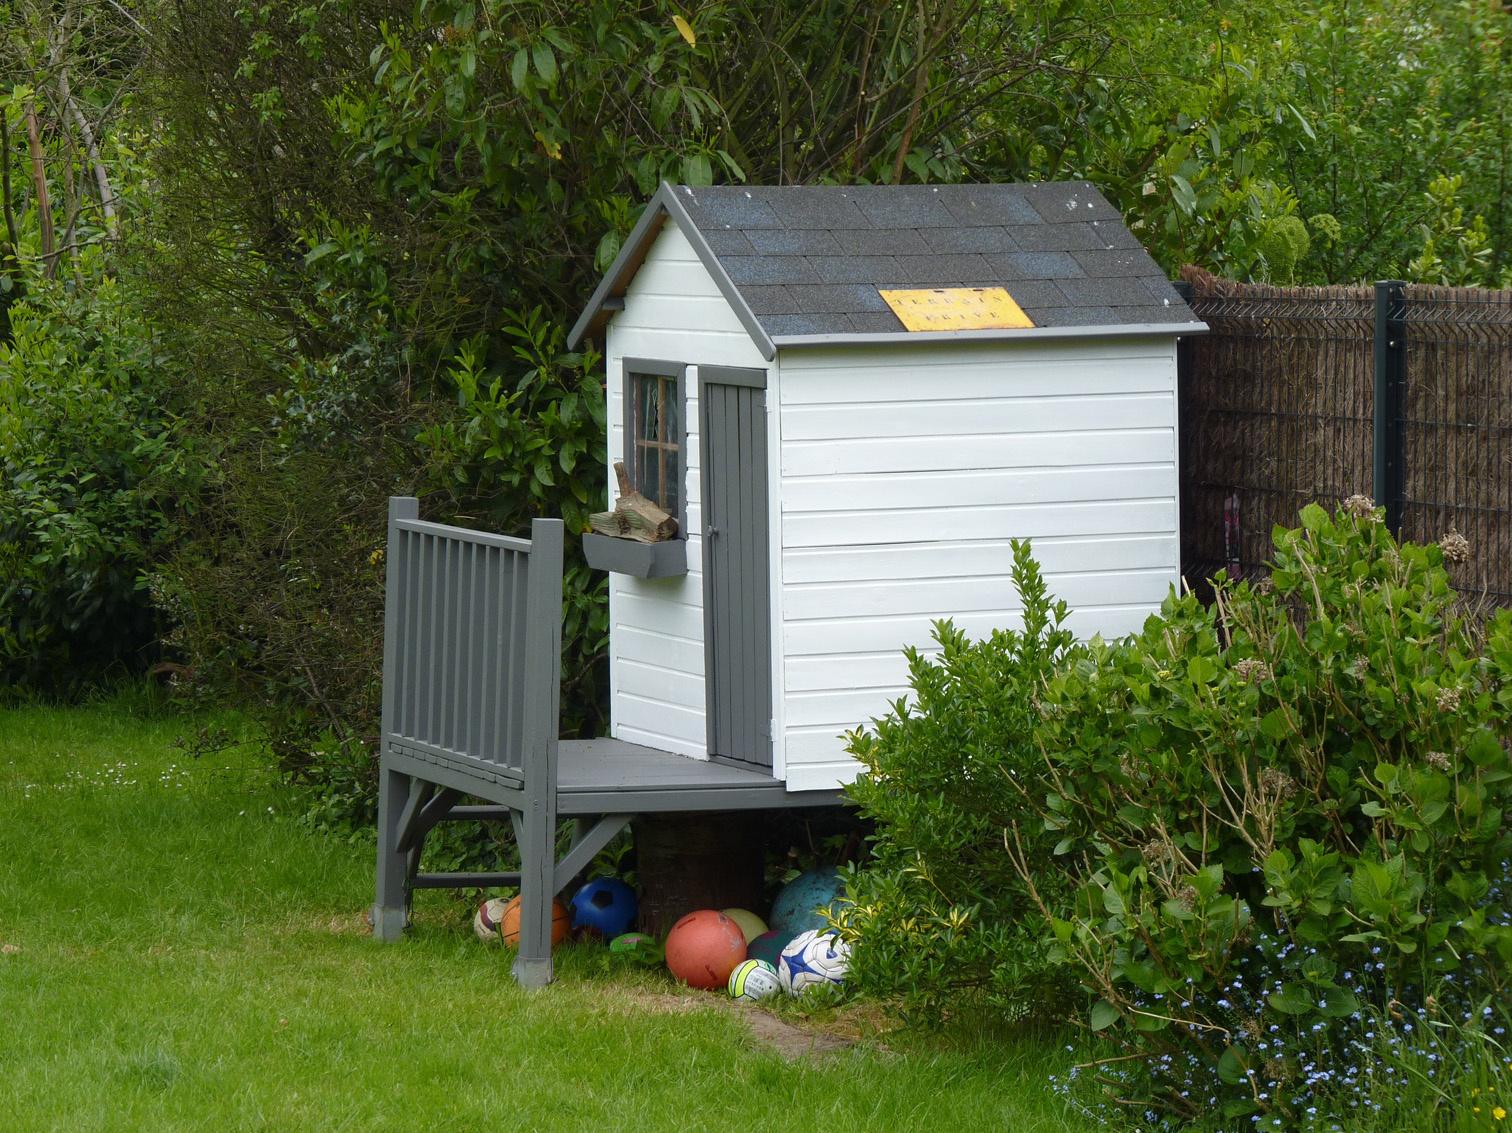 Cabane En Bois Pour Enfant Sur Pilotis Peinte En Gris Taupe ... tout Cabane De Jardin Enfant Bois